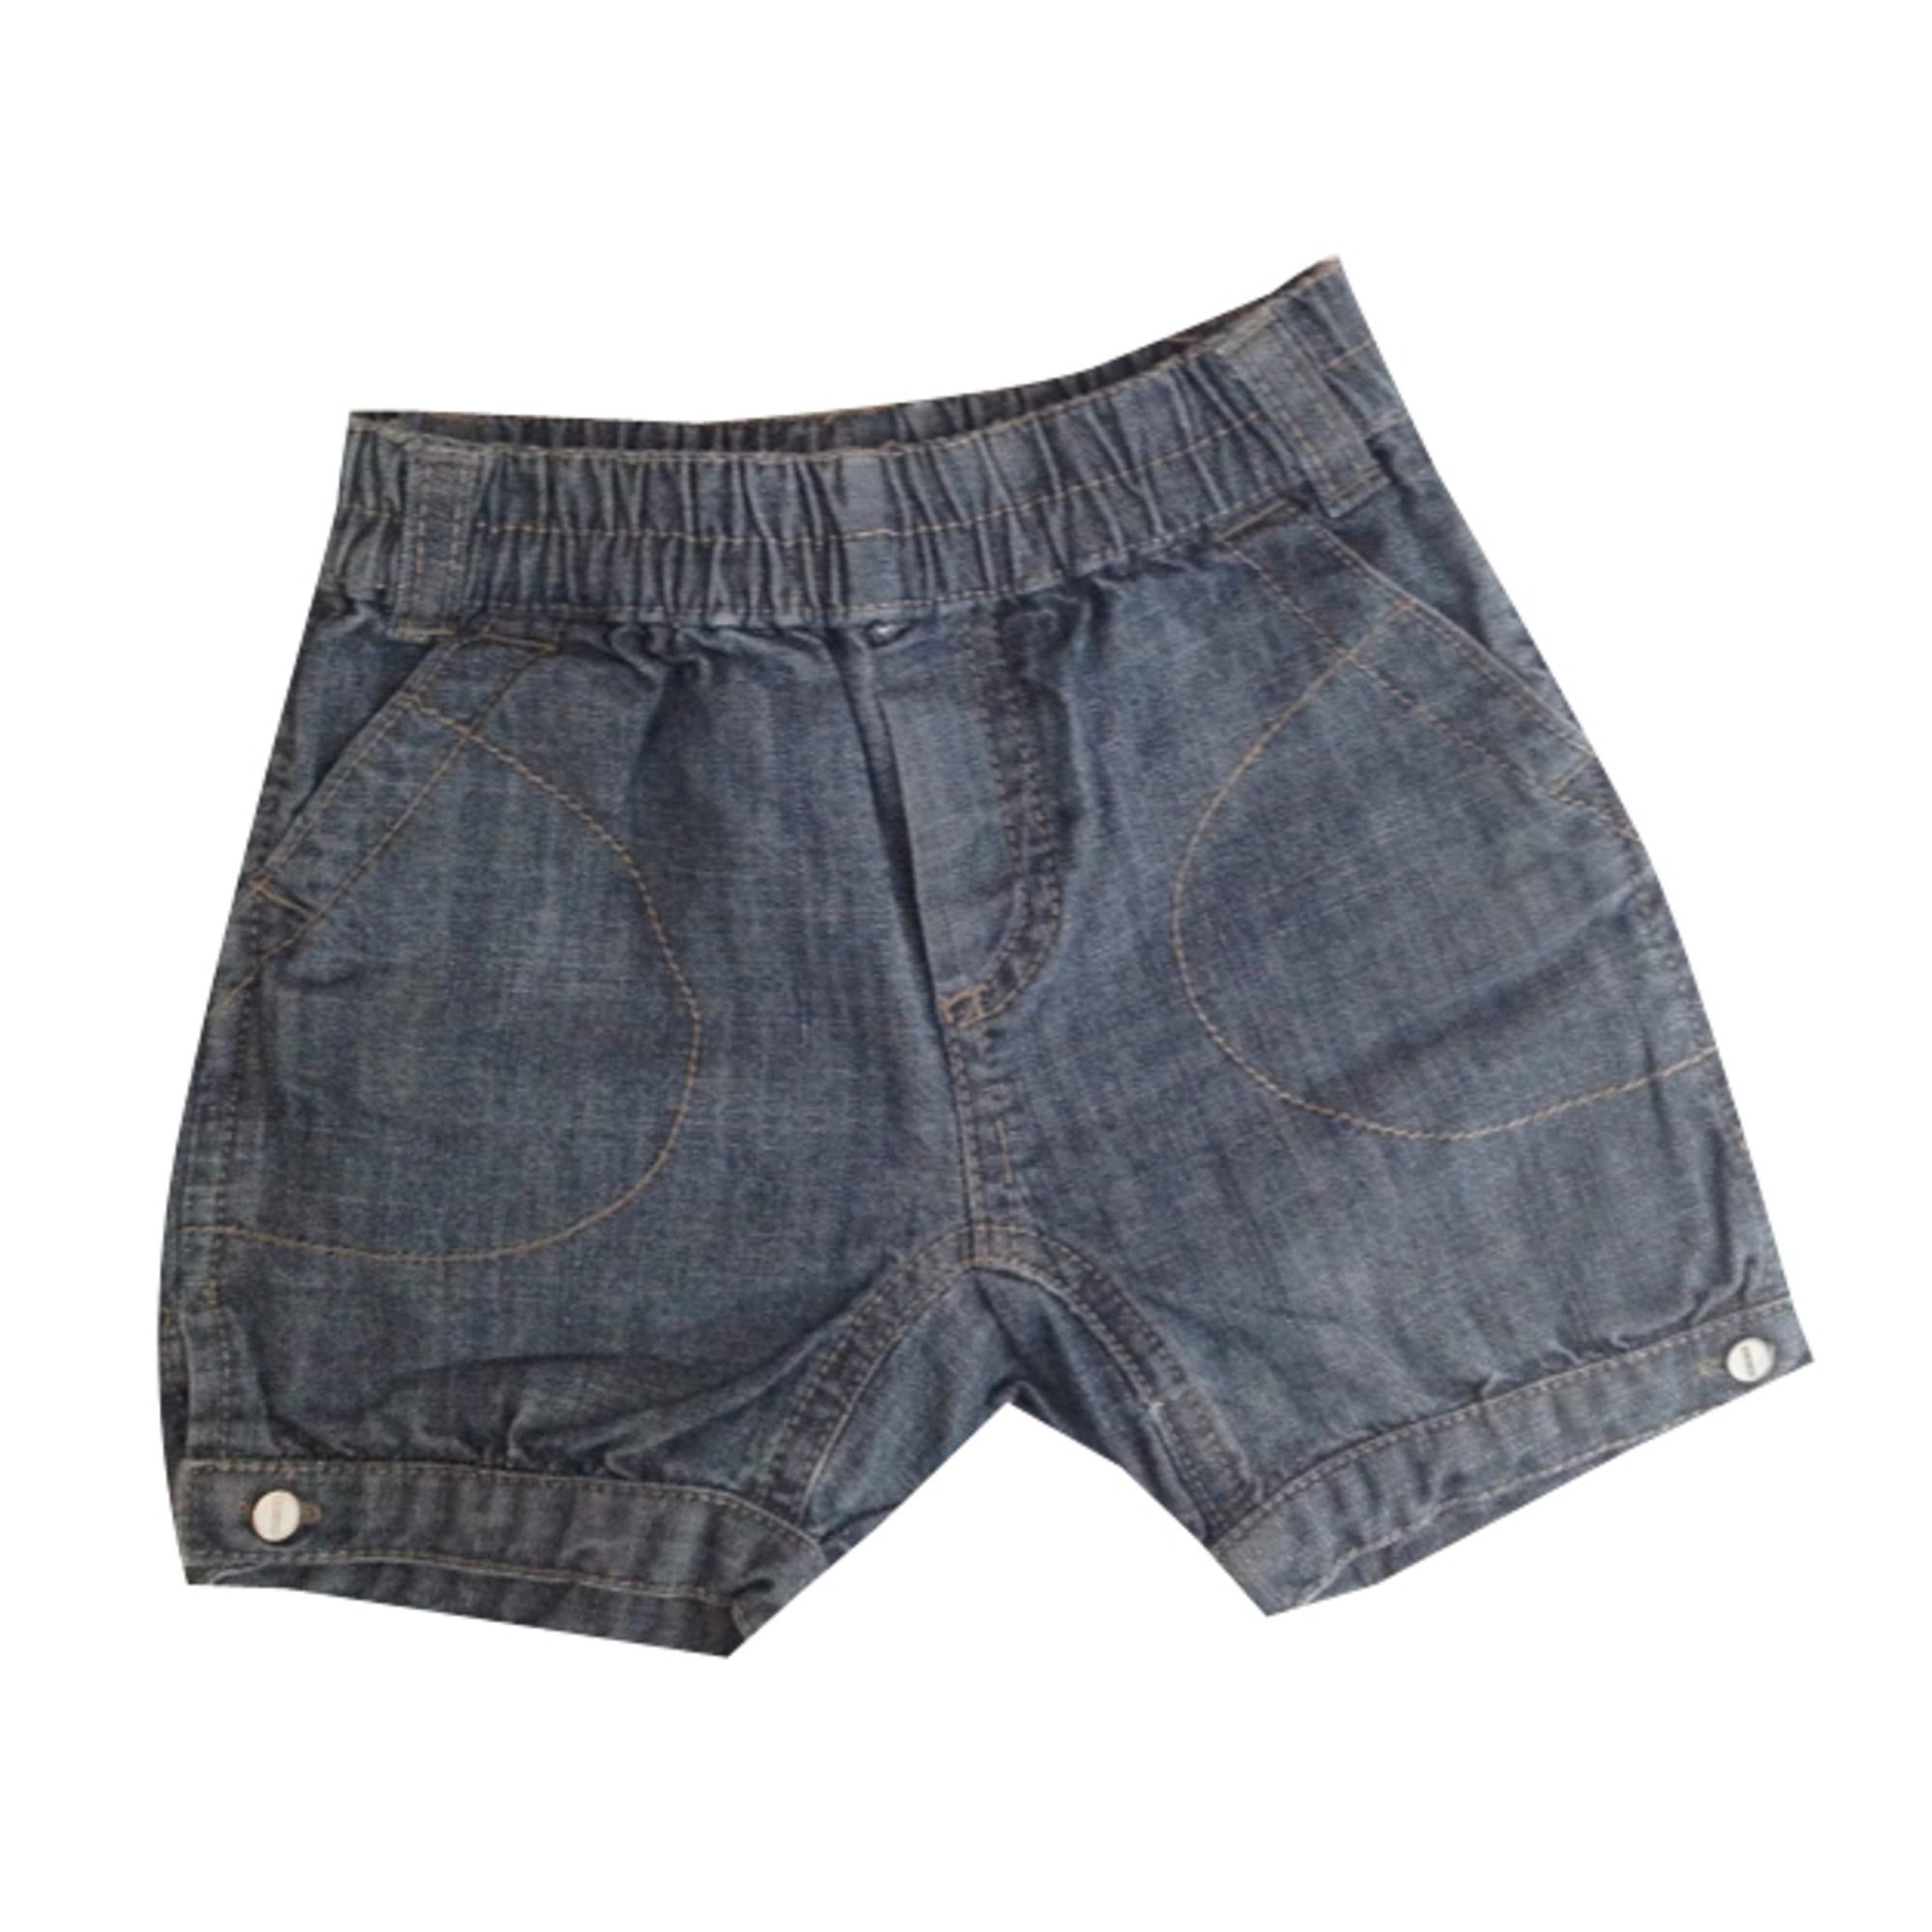 Shorts IKKS Blue, navy, turquoise